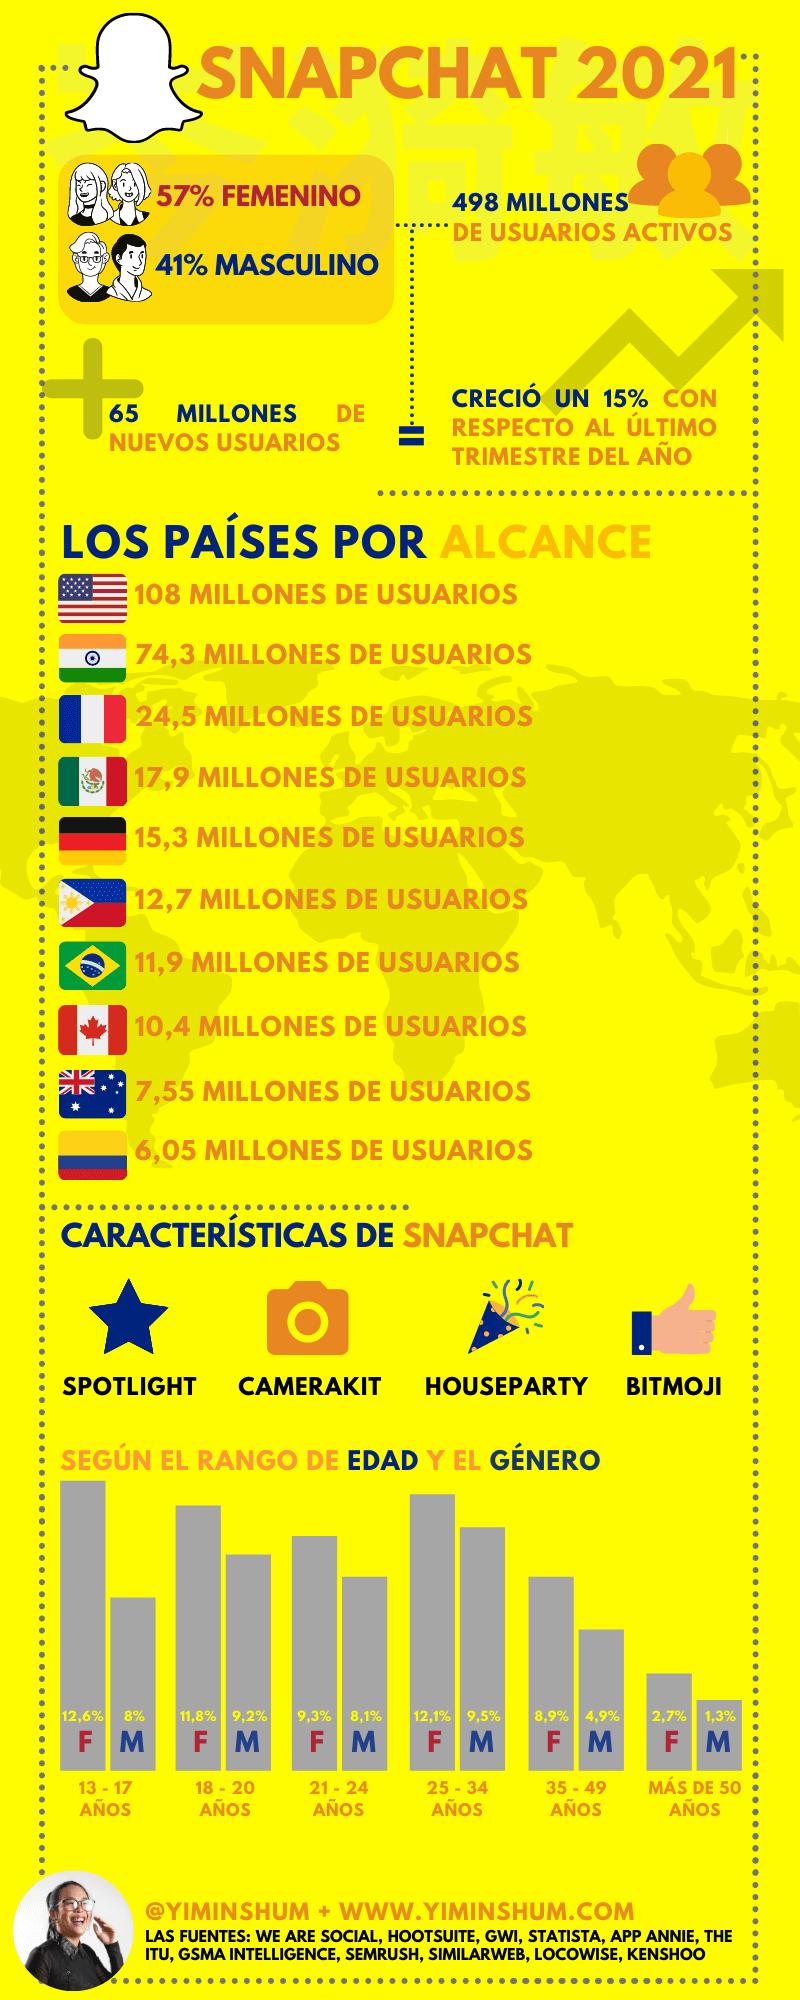 Los datos de Snapchat en 2021